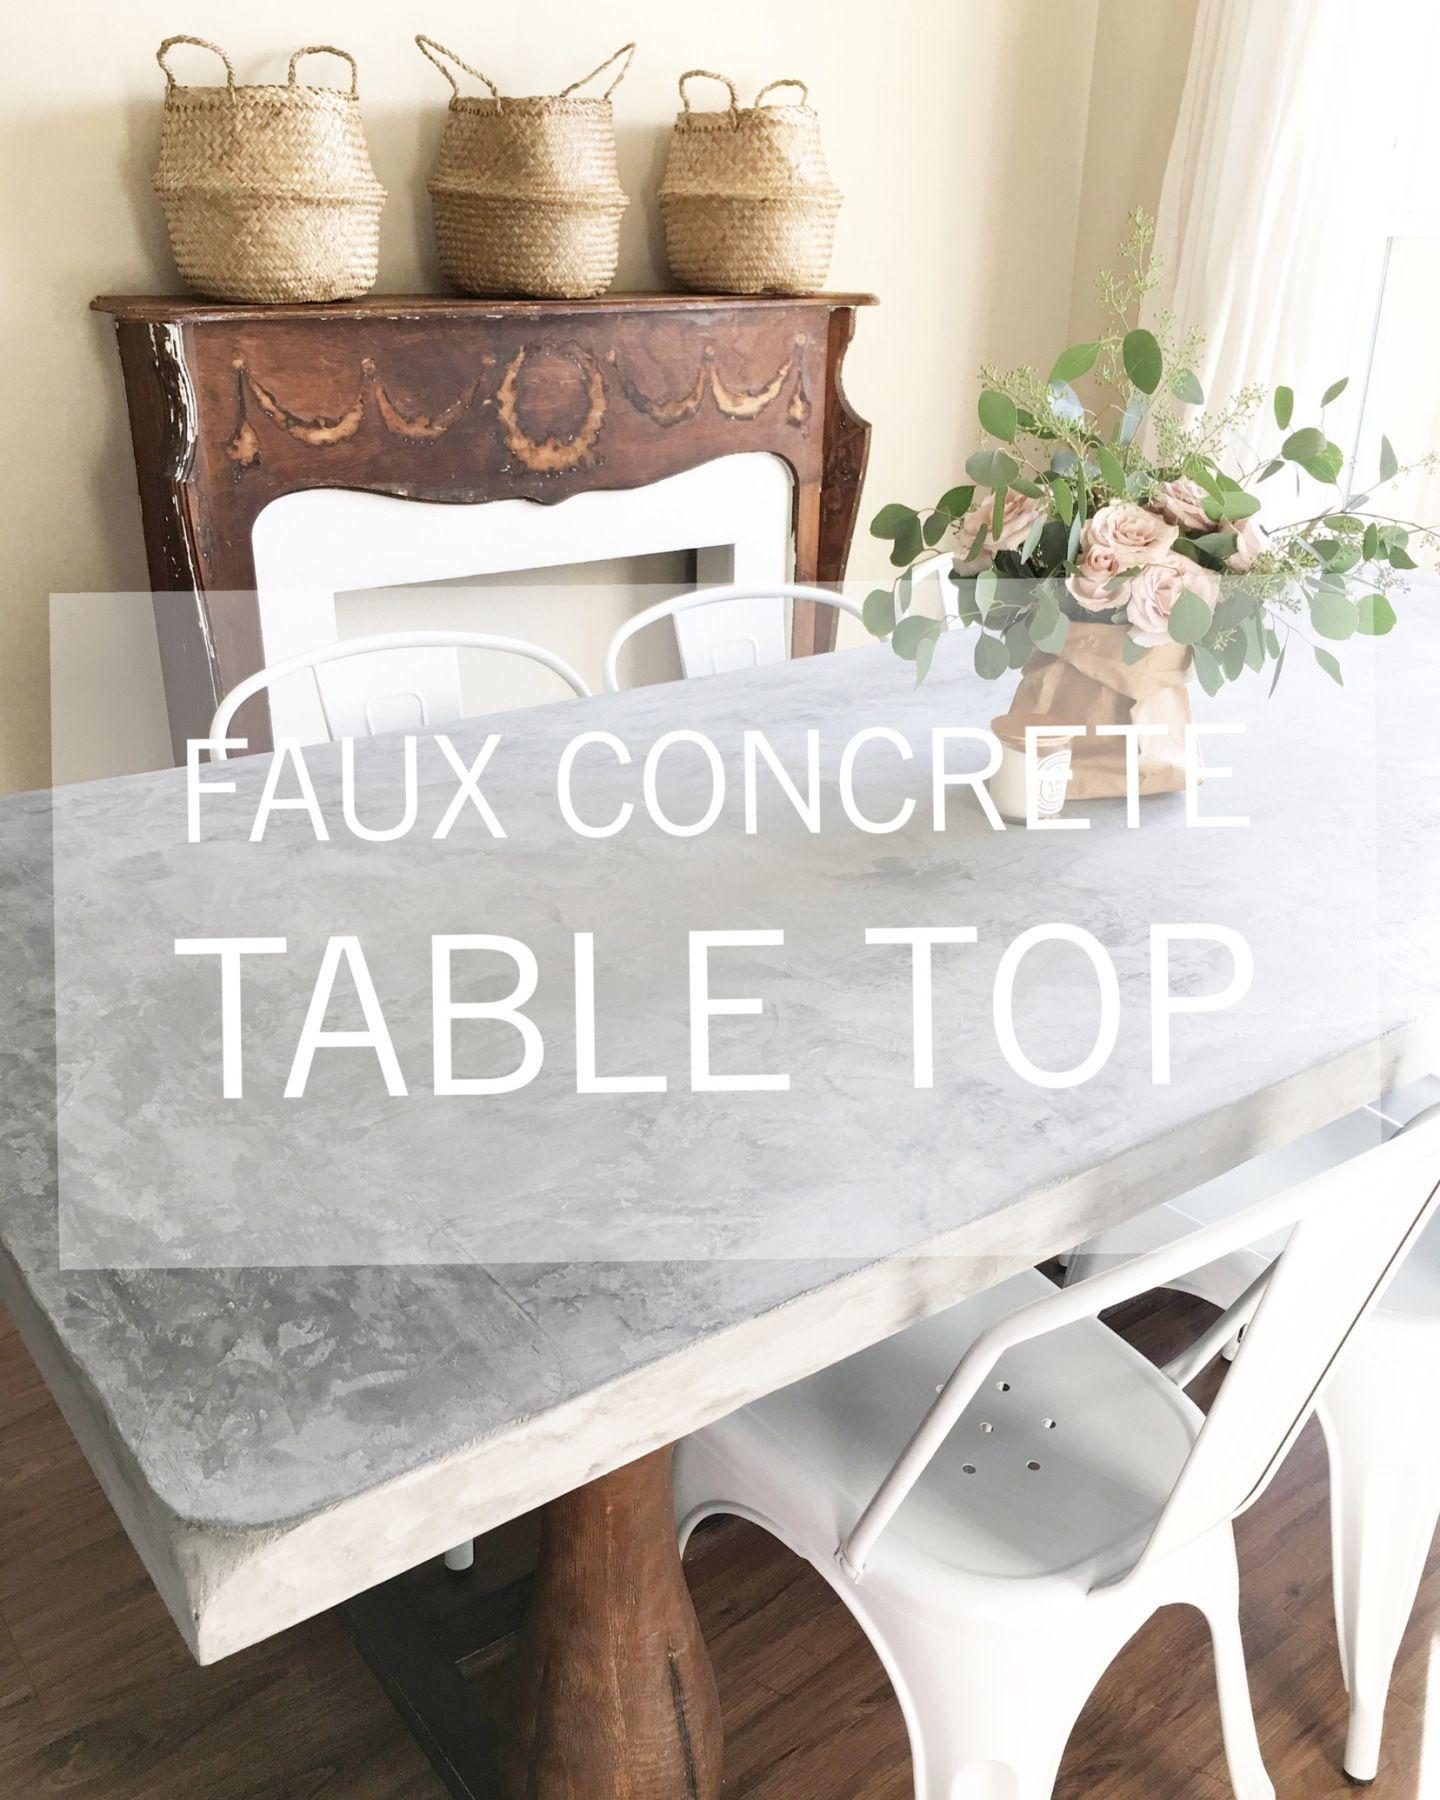 Faux Concrete Table Top Using Marrakech Paint Pure Original Deeply Distressed Blog Concrete Table Top Concrete Top Dining Table Concrete Table